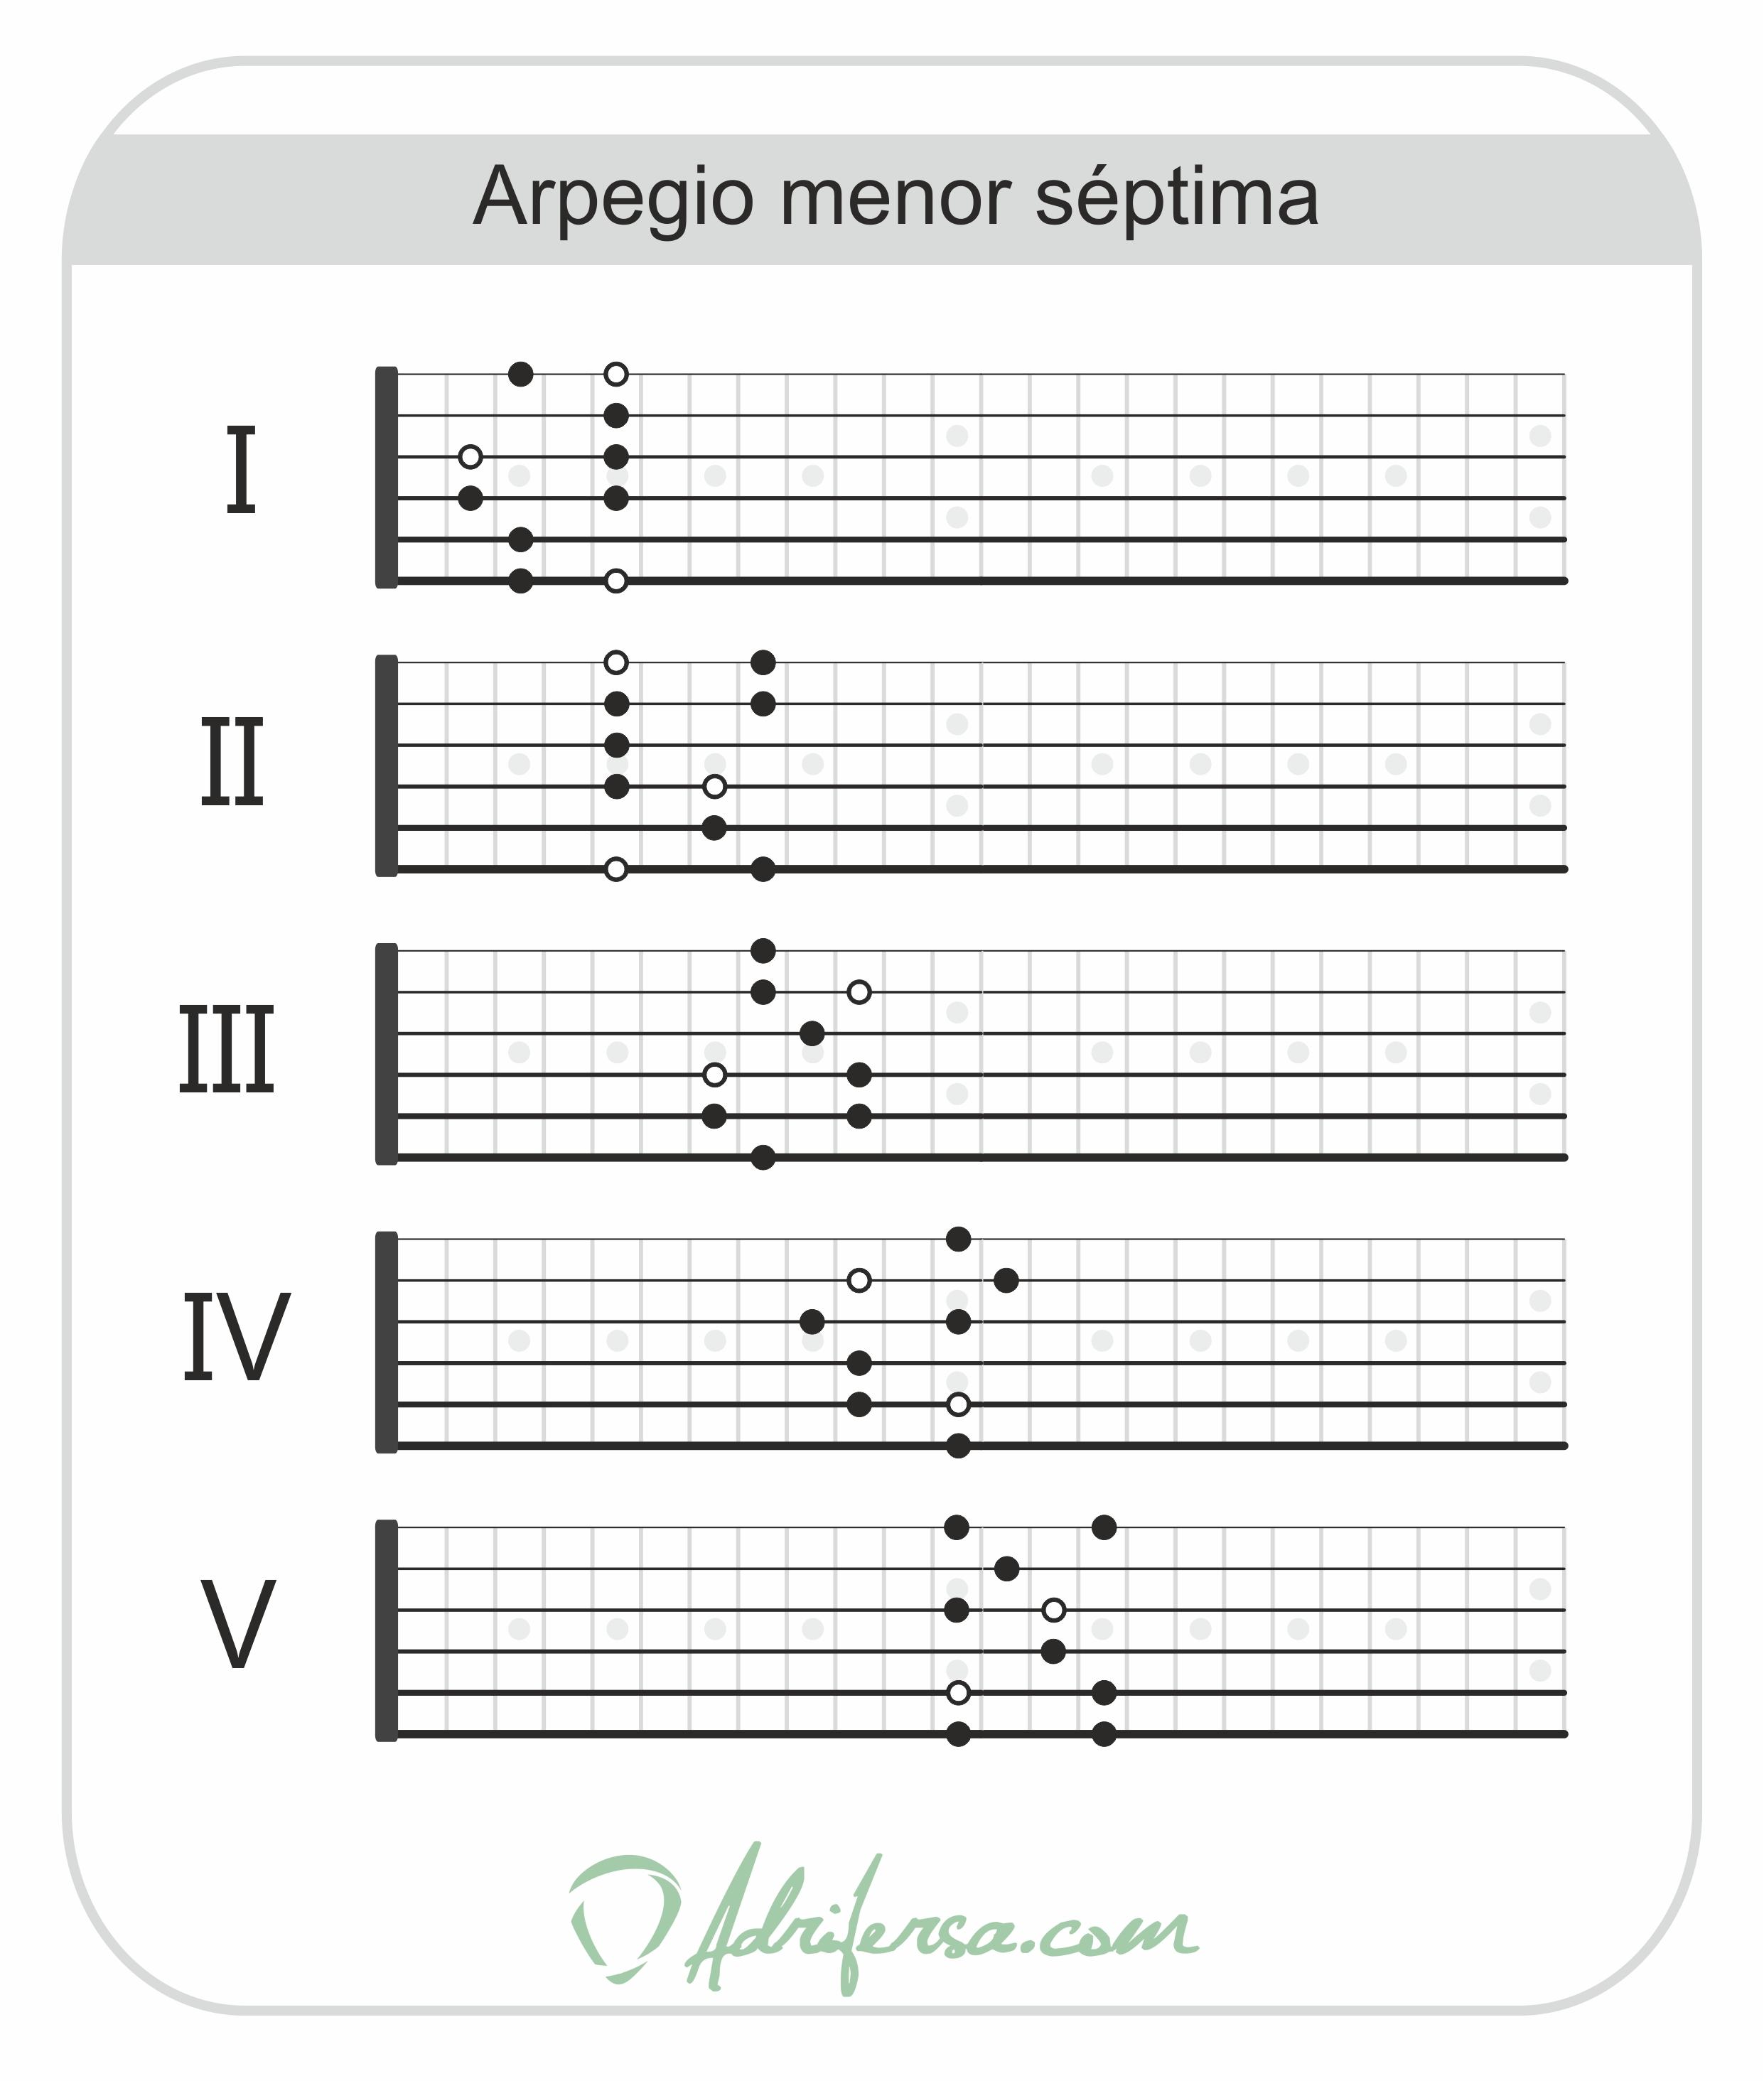 Arpegio menor septima - semidisminuido